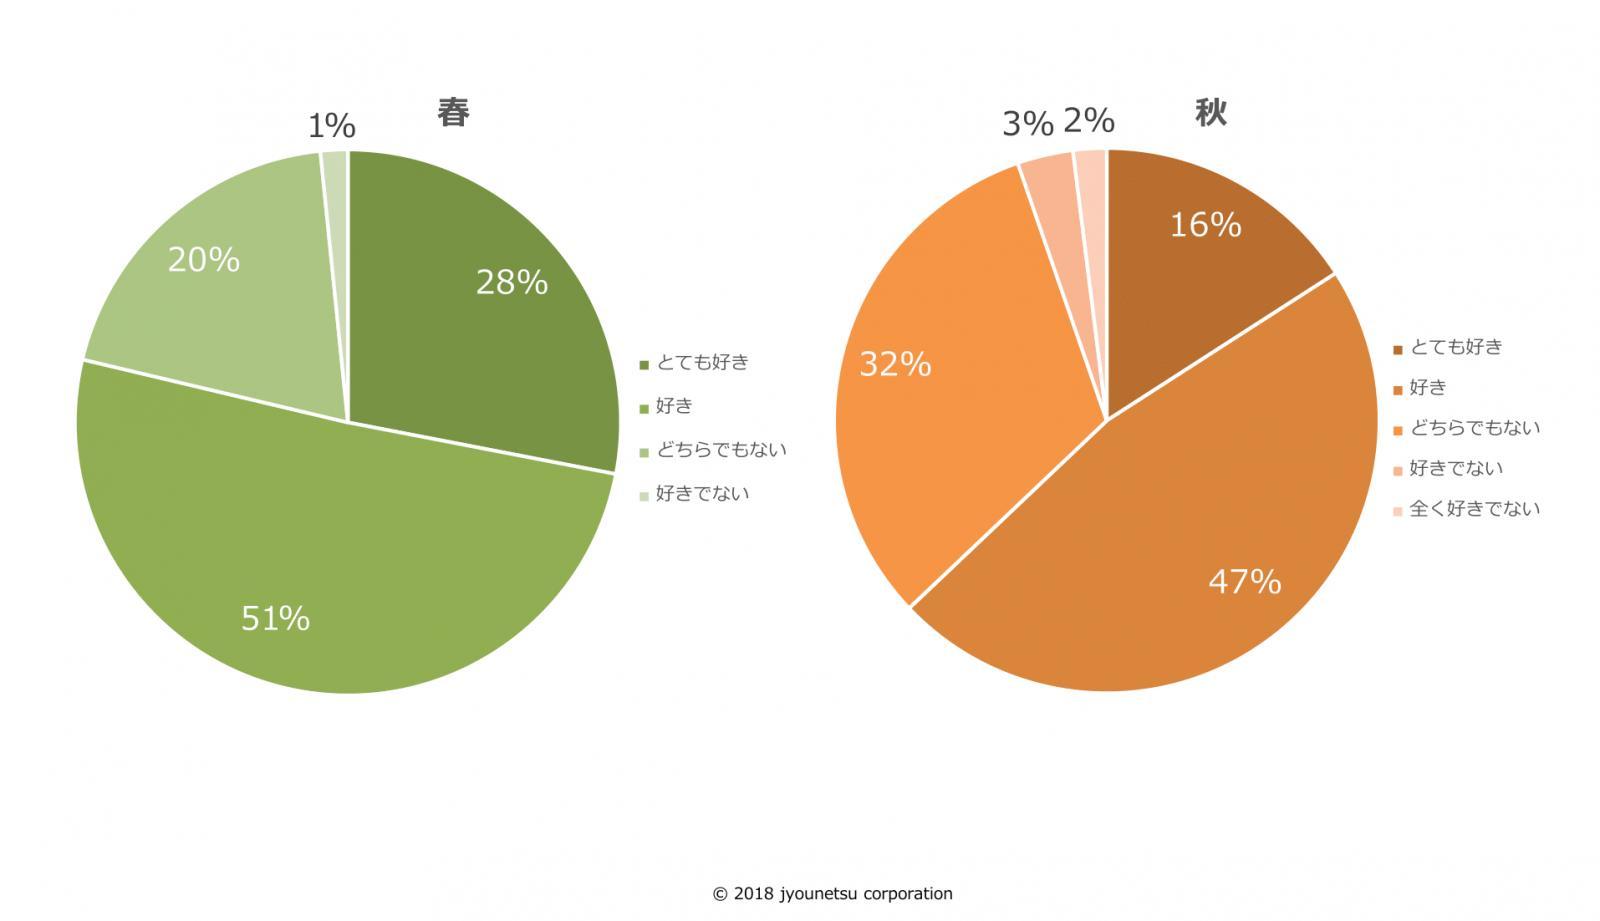 2018年度の新入社員が、今の会社を好きか答えたアンケート結果のグラフ